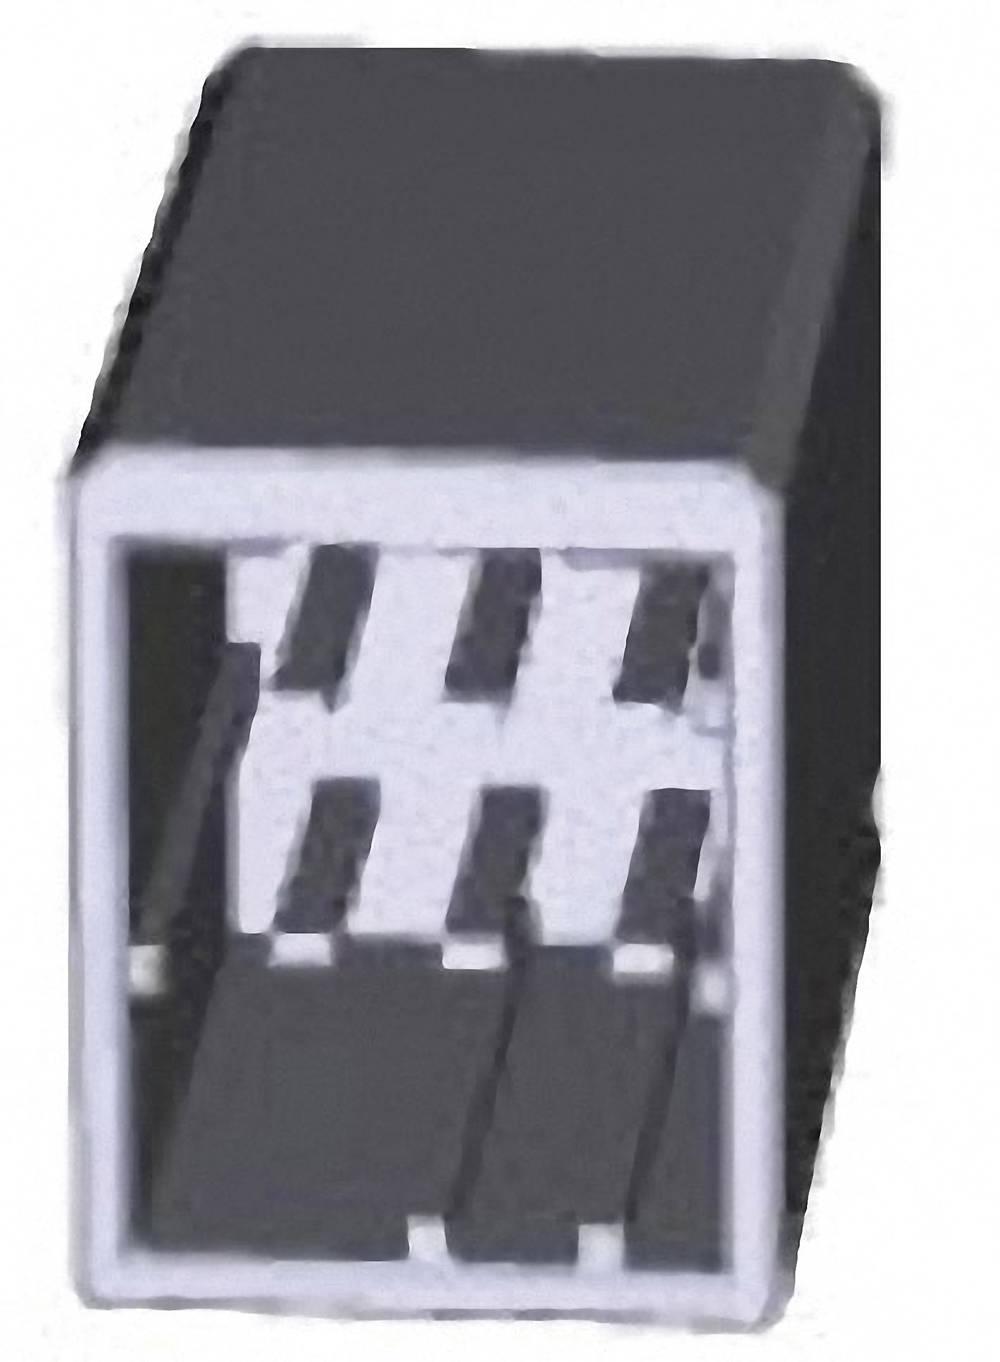 Indbygningsstiftliste (præcision) DYNAMIC 2000 Series Samlet antal poler 6 TE Connectivity 1318124-1 1 stk